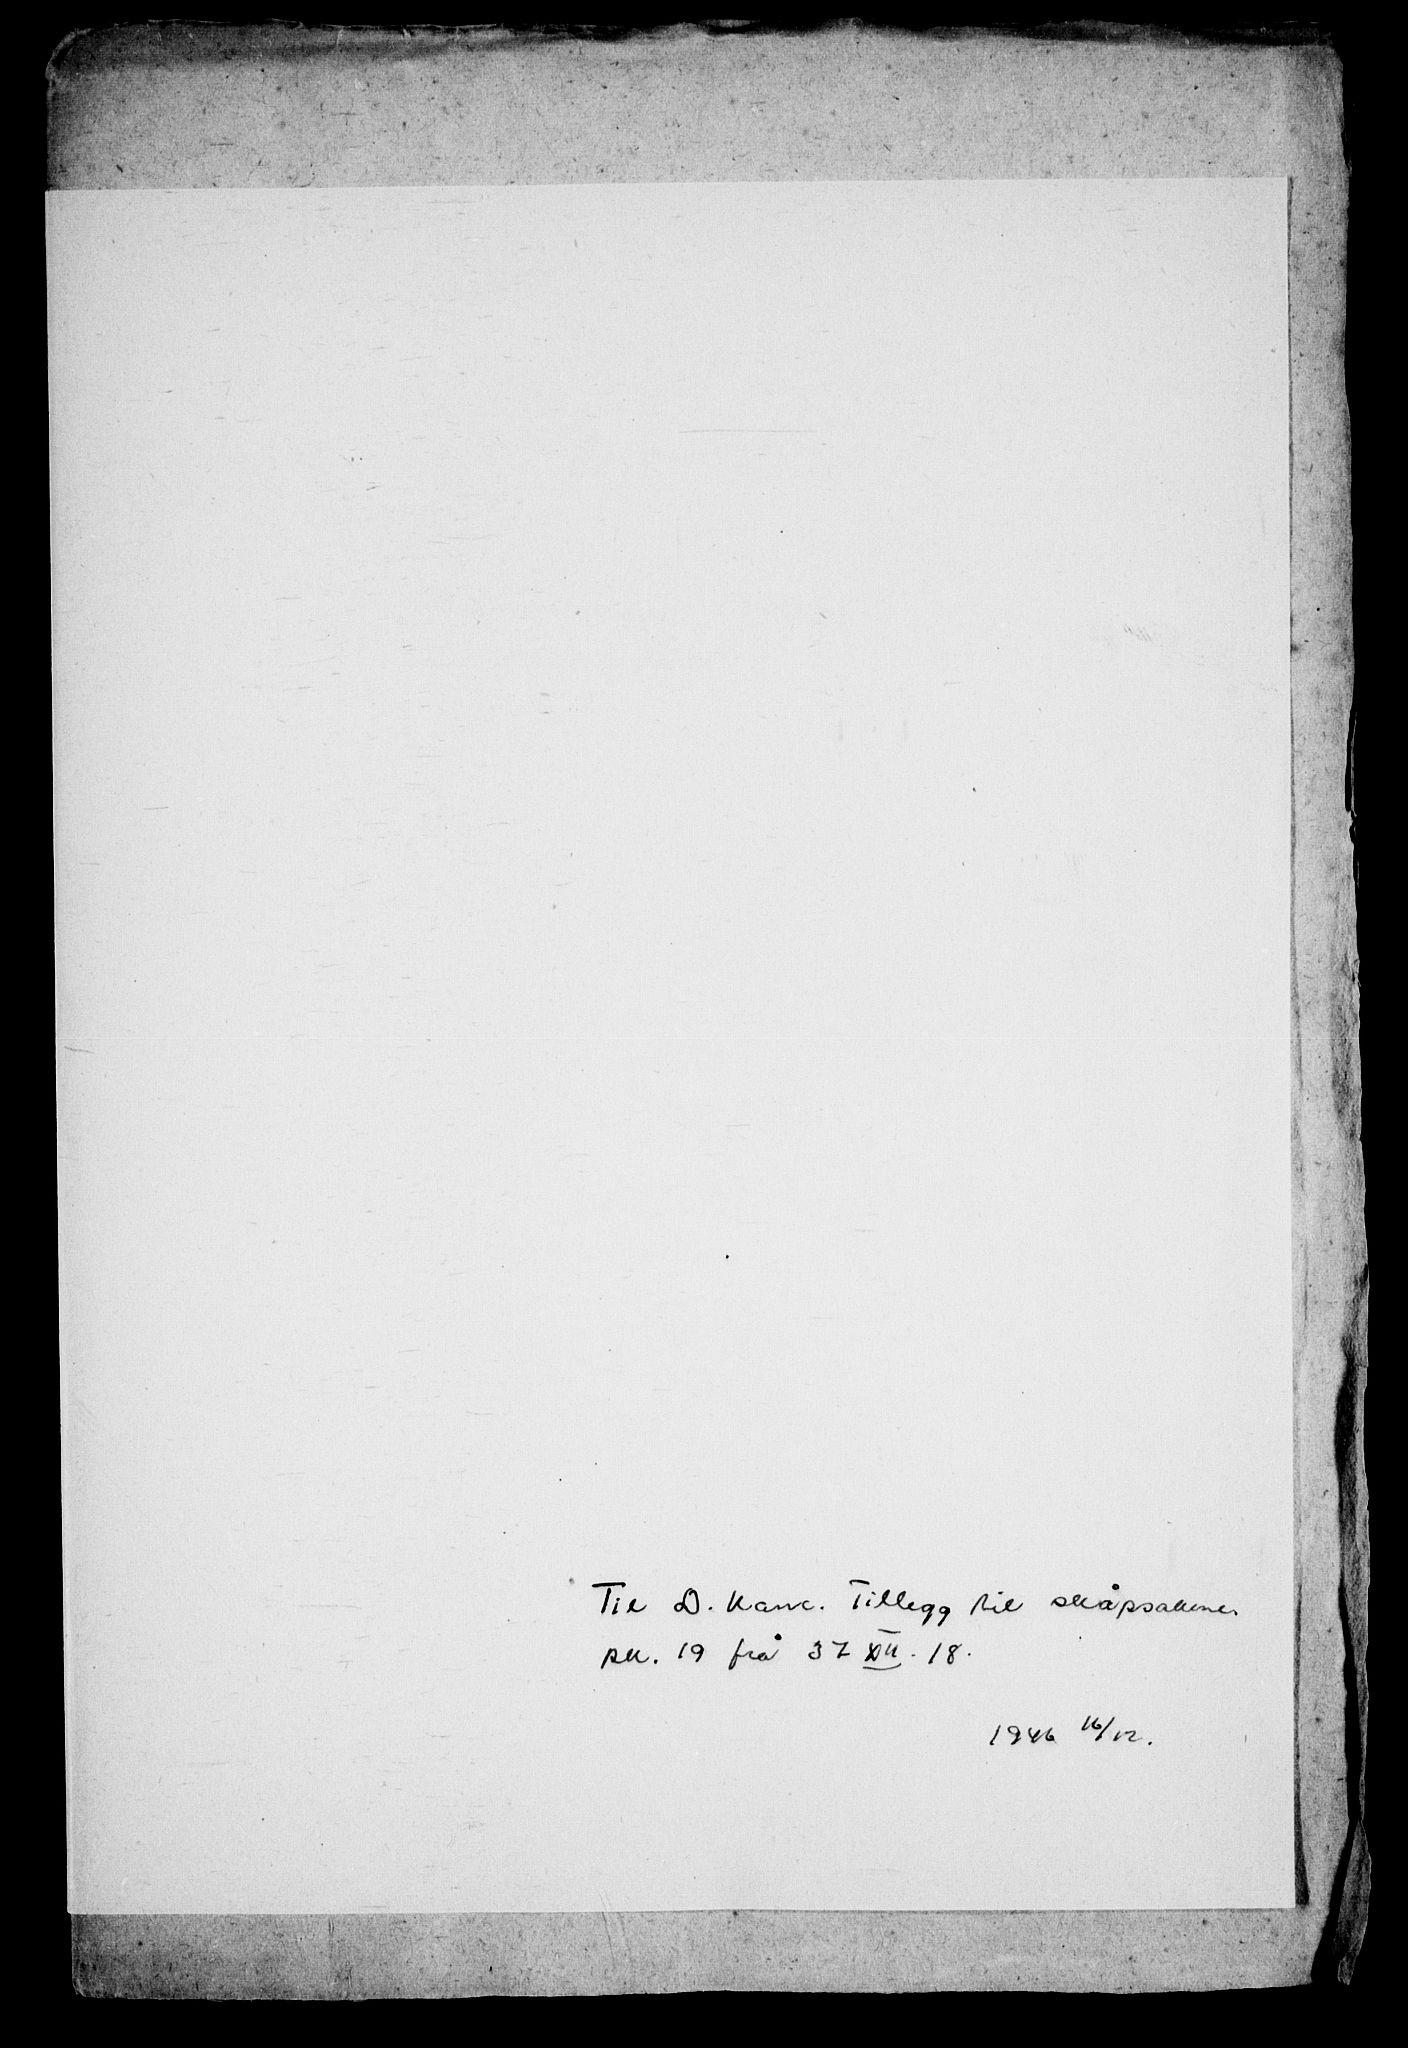 RA, Danske Kanselli, Skapsaker, G/L0019: Tillegg til skapsakene, 1616-1753, p. 114